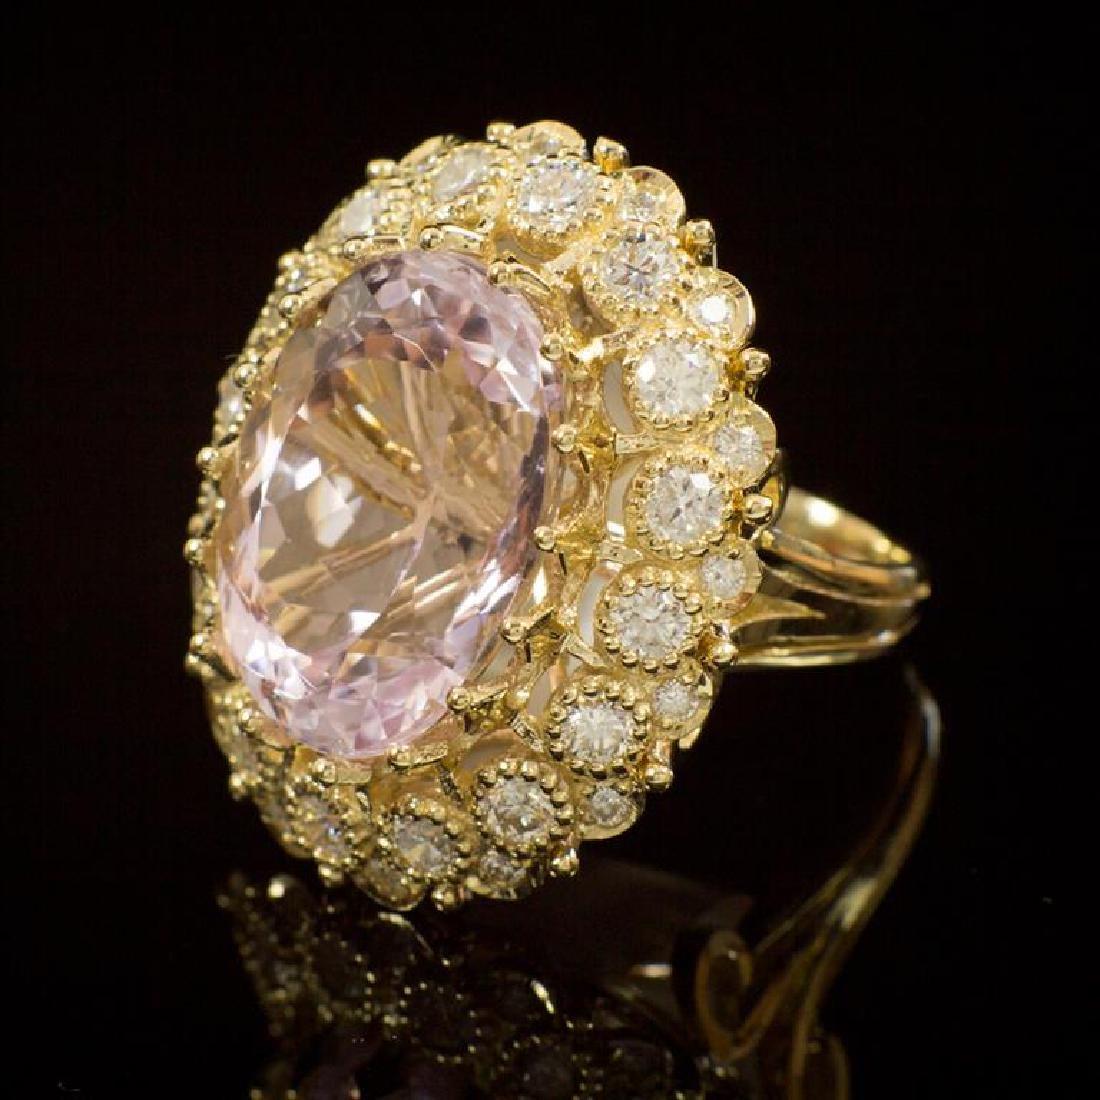 14K Gold 22.06ct Kunzite 2.47ct Diamond Ring - 2